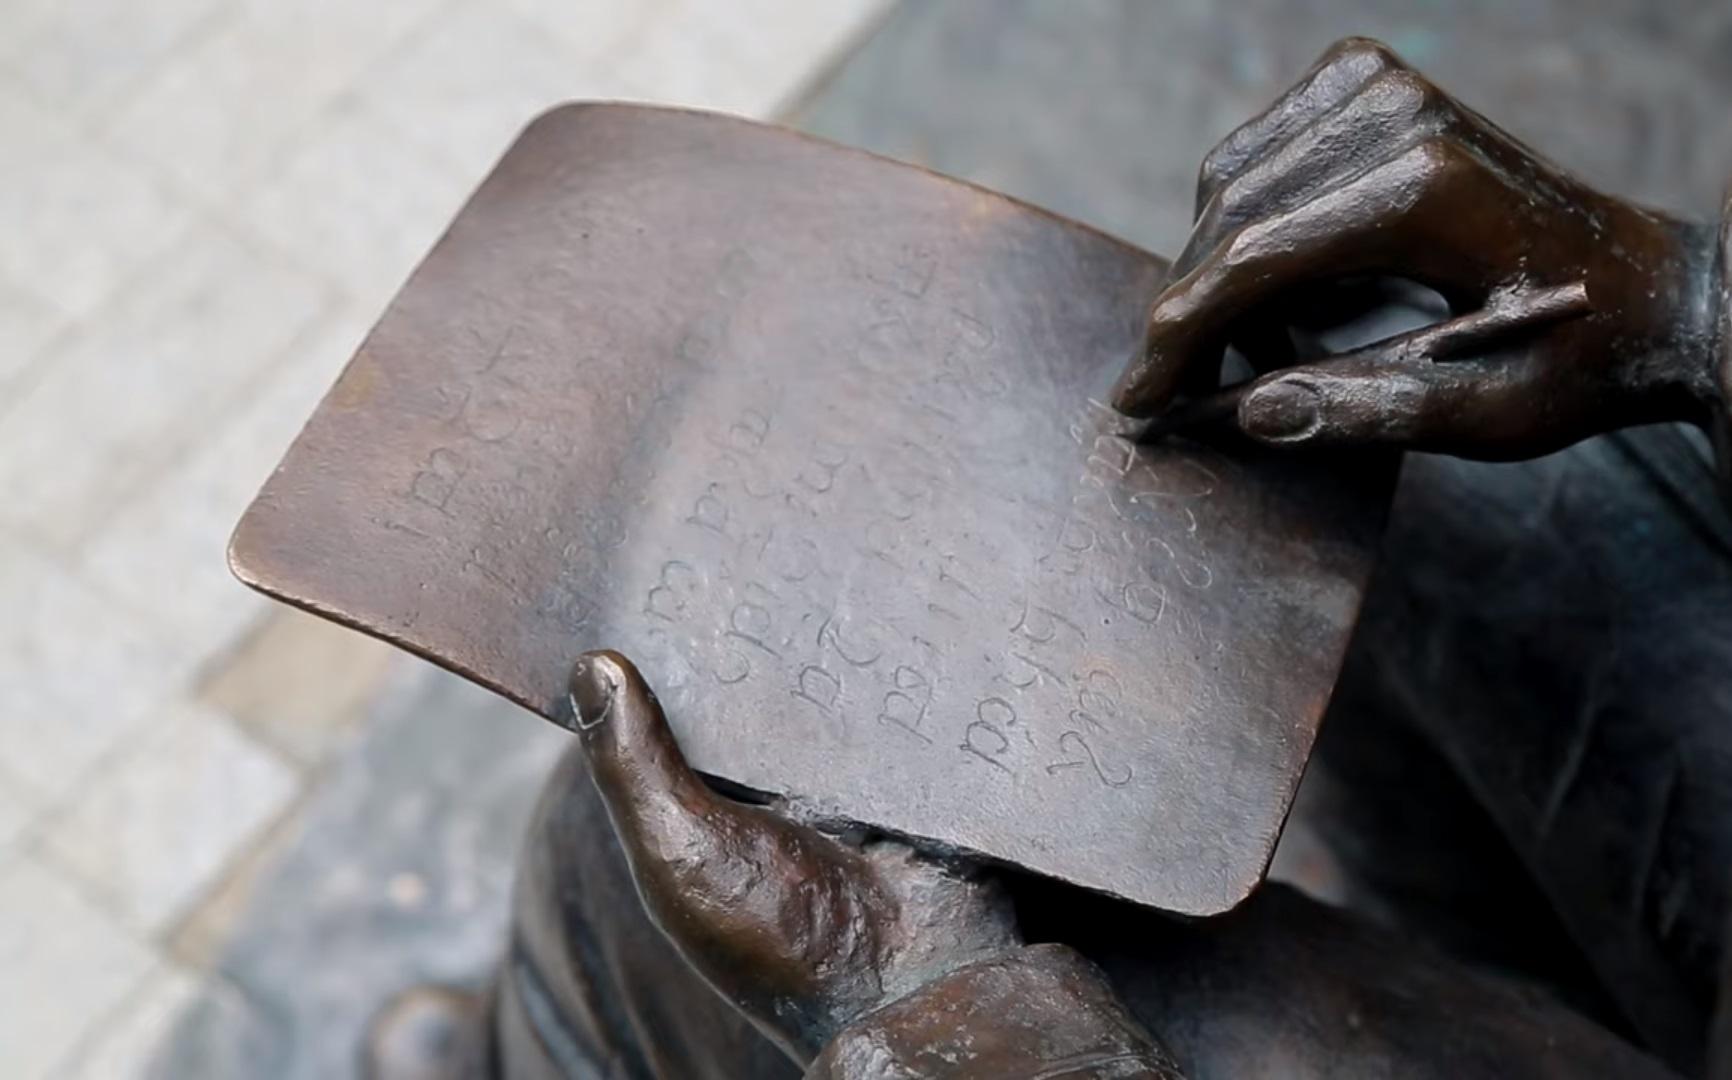 памятник уфа памятник геодезистам надпись на эльфийском